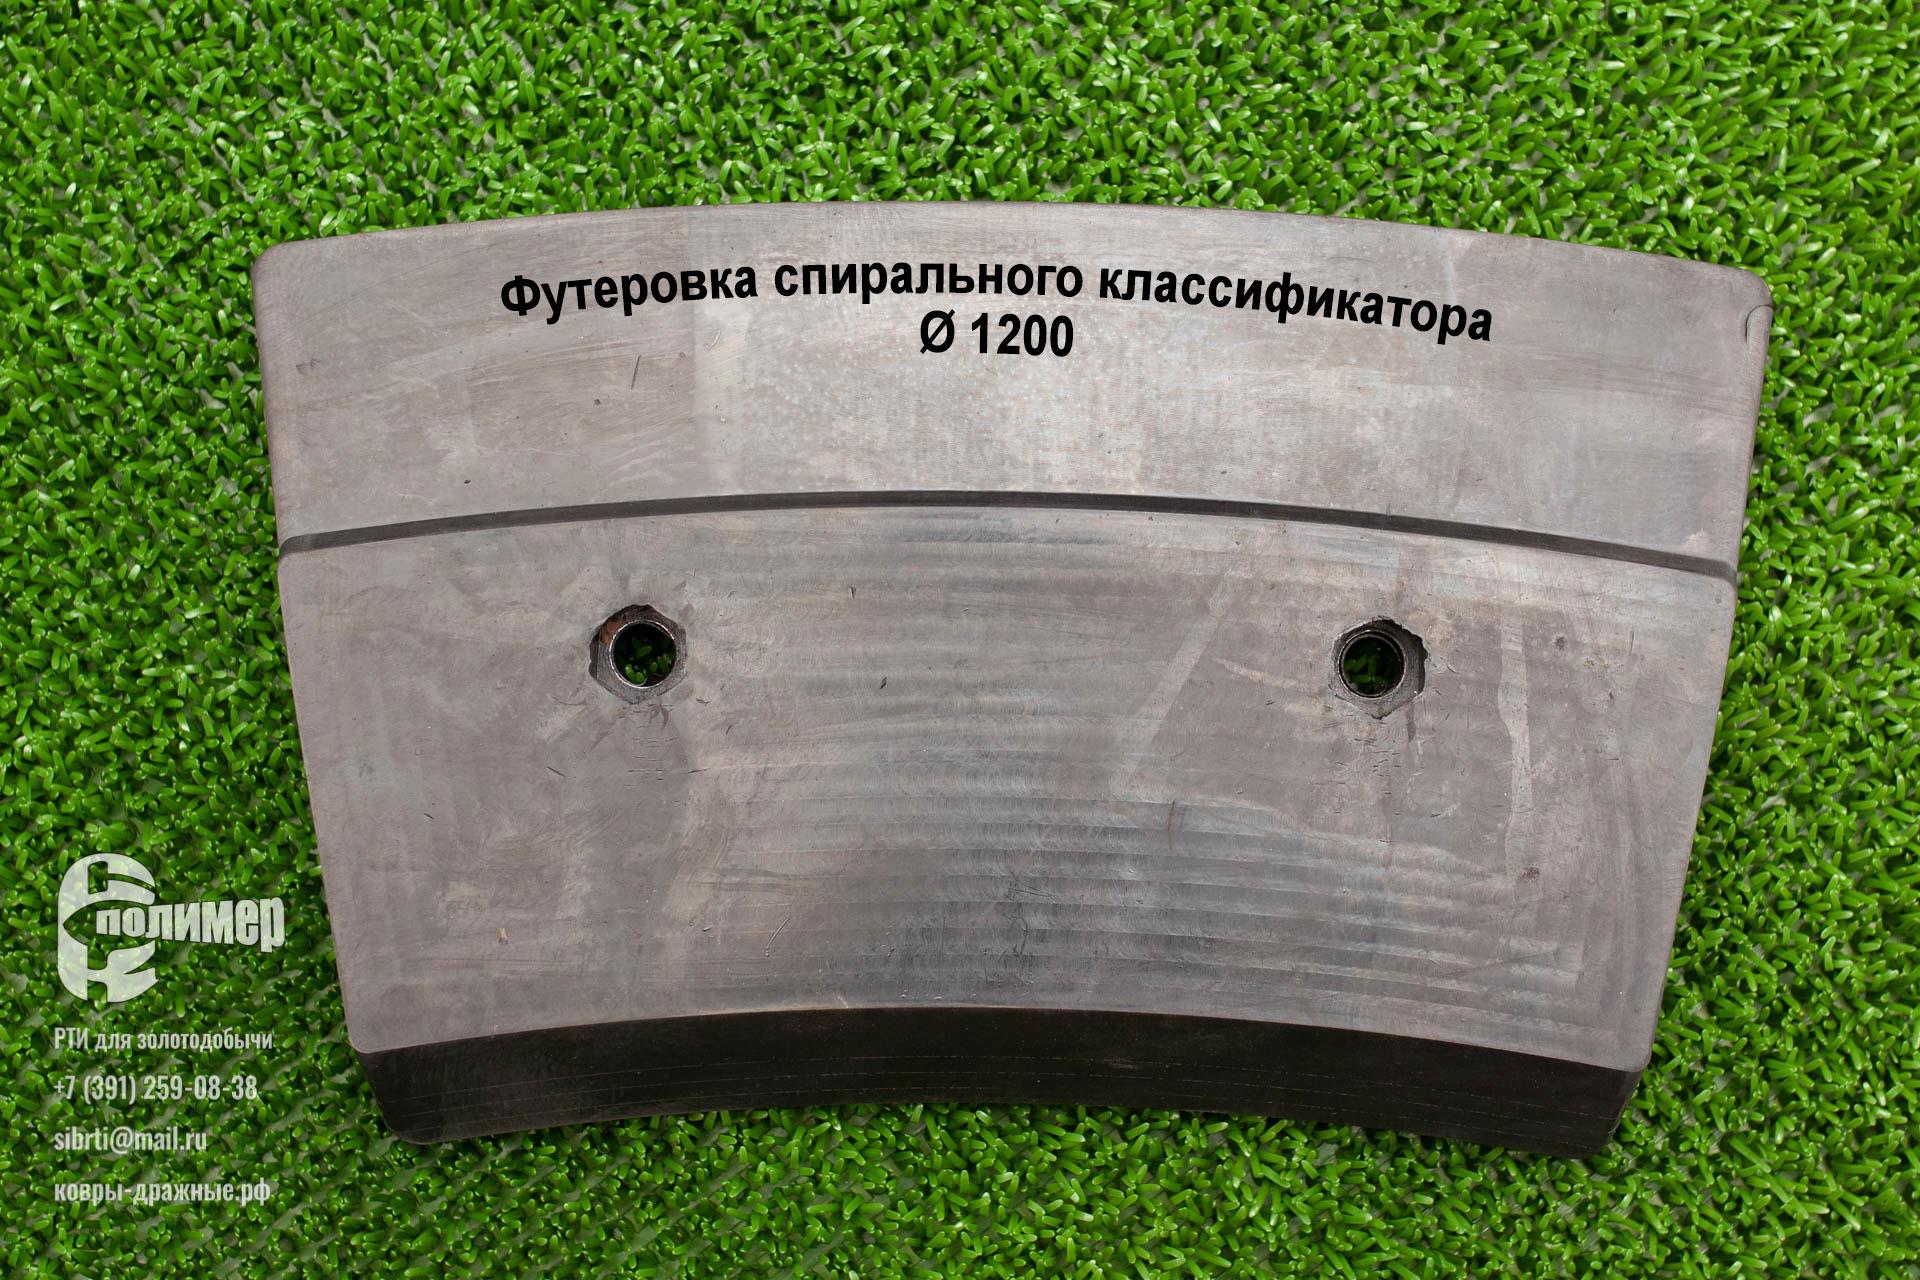 Резиновая футеровка для спиральных классификаторов с диаметром 1200